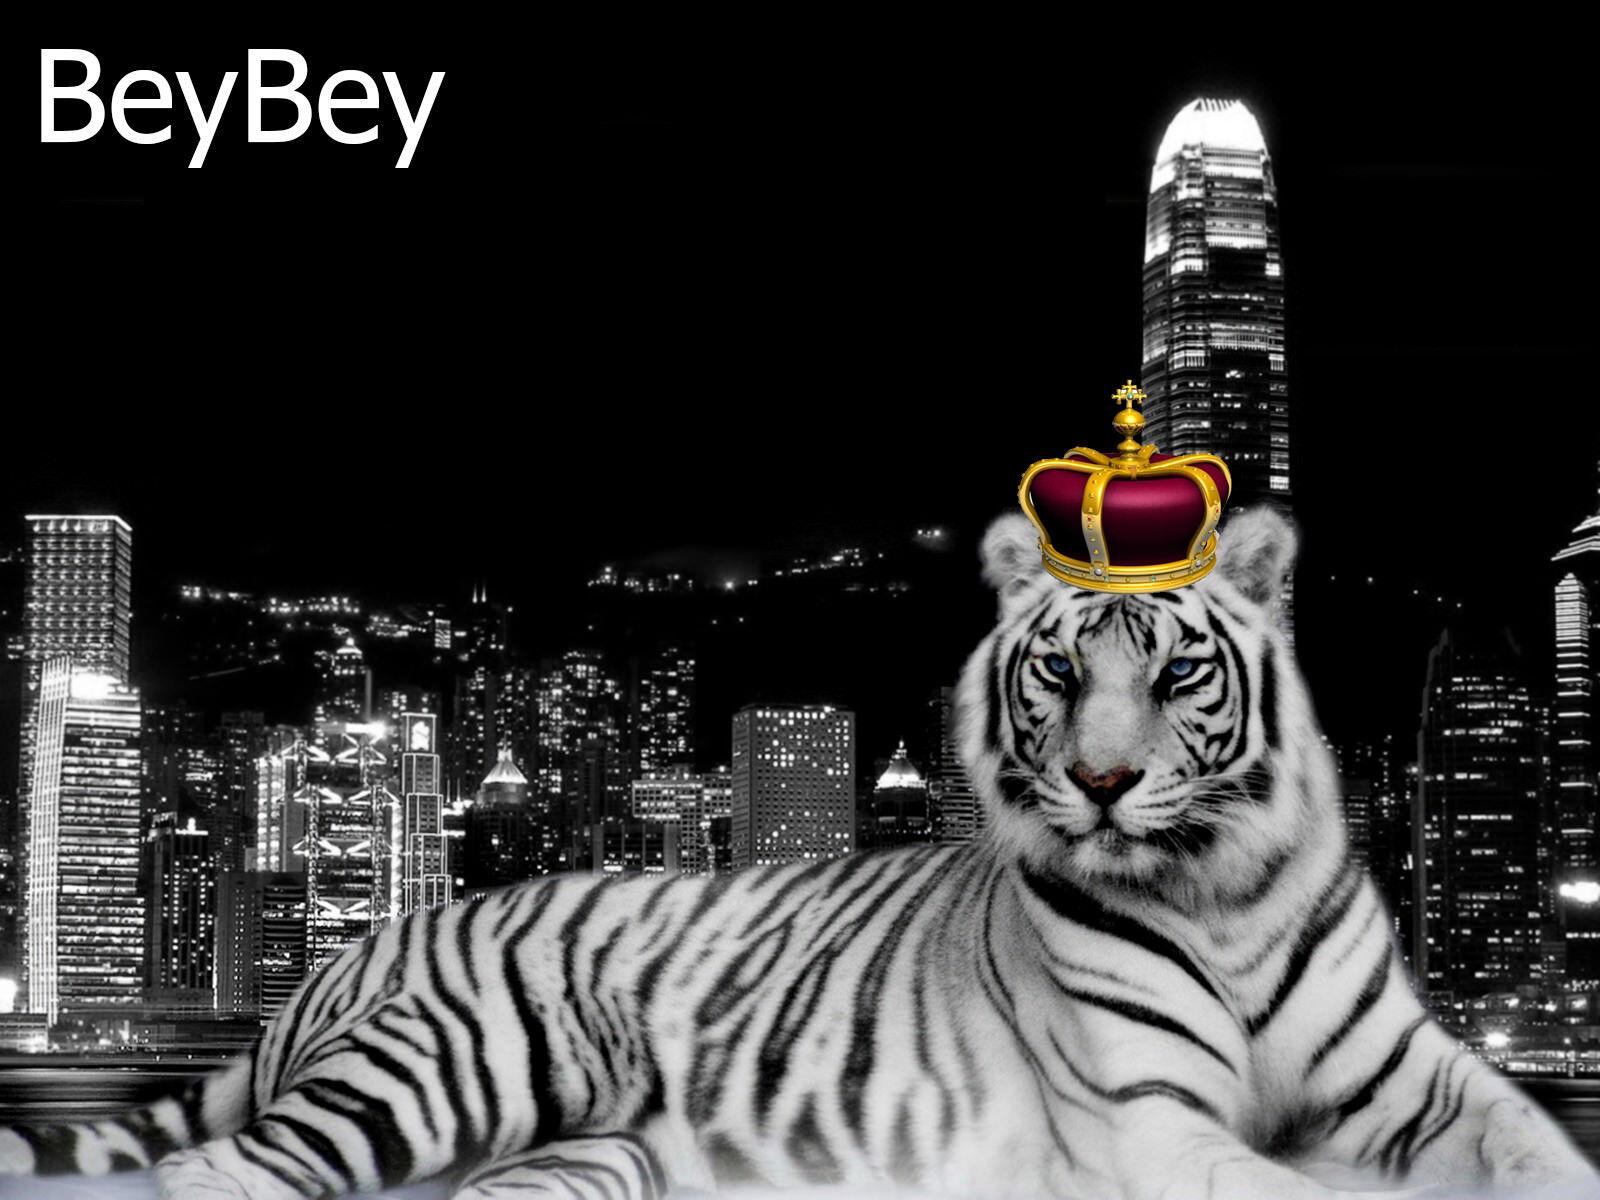 BeyBey